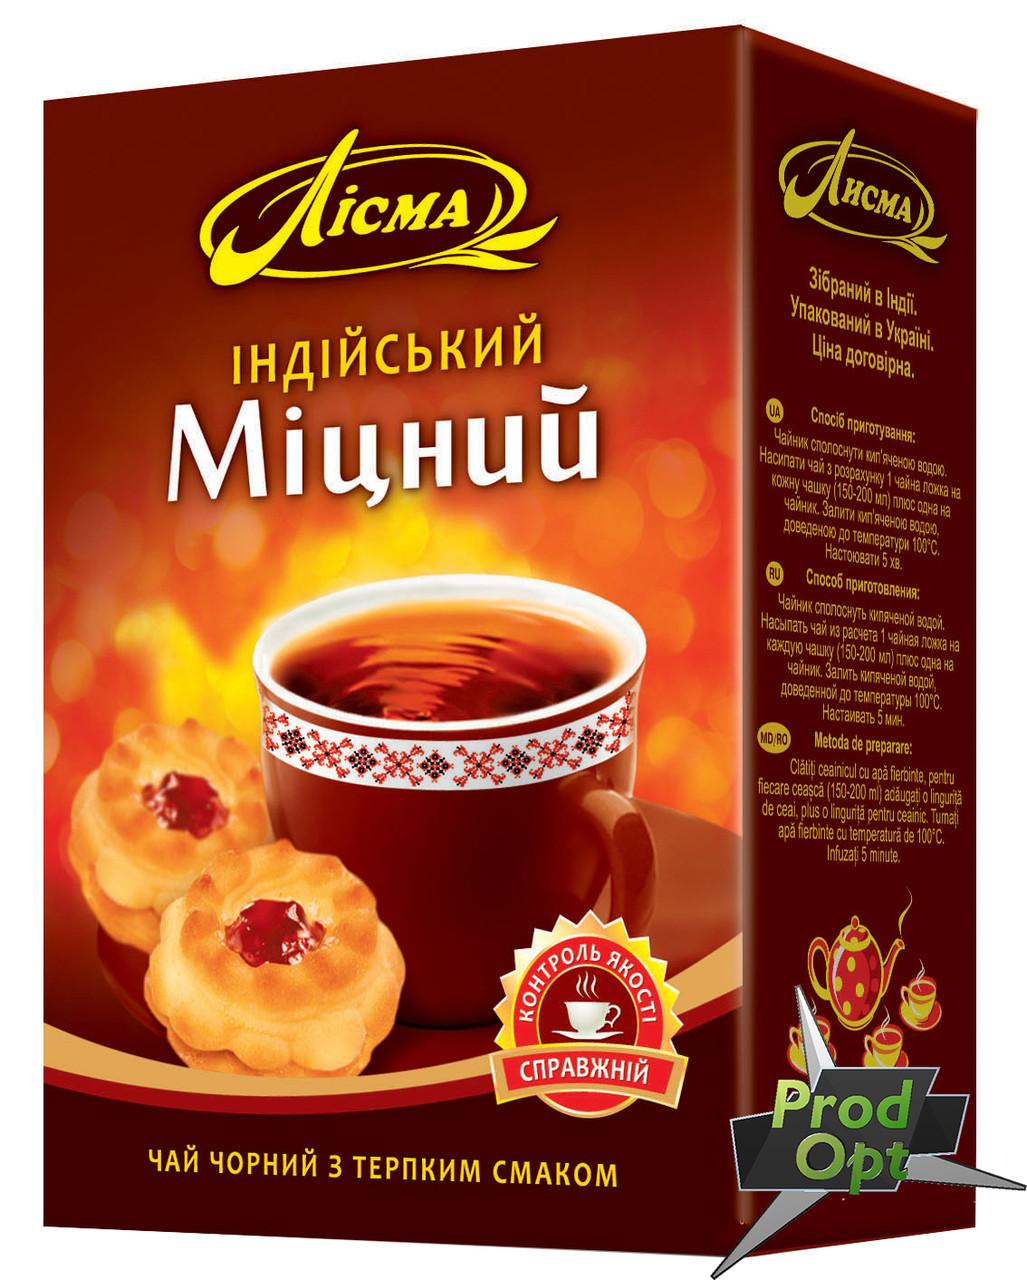 Чай Лісма Міцний Індійський 90 г